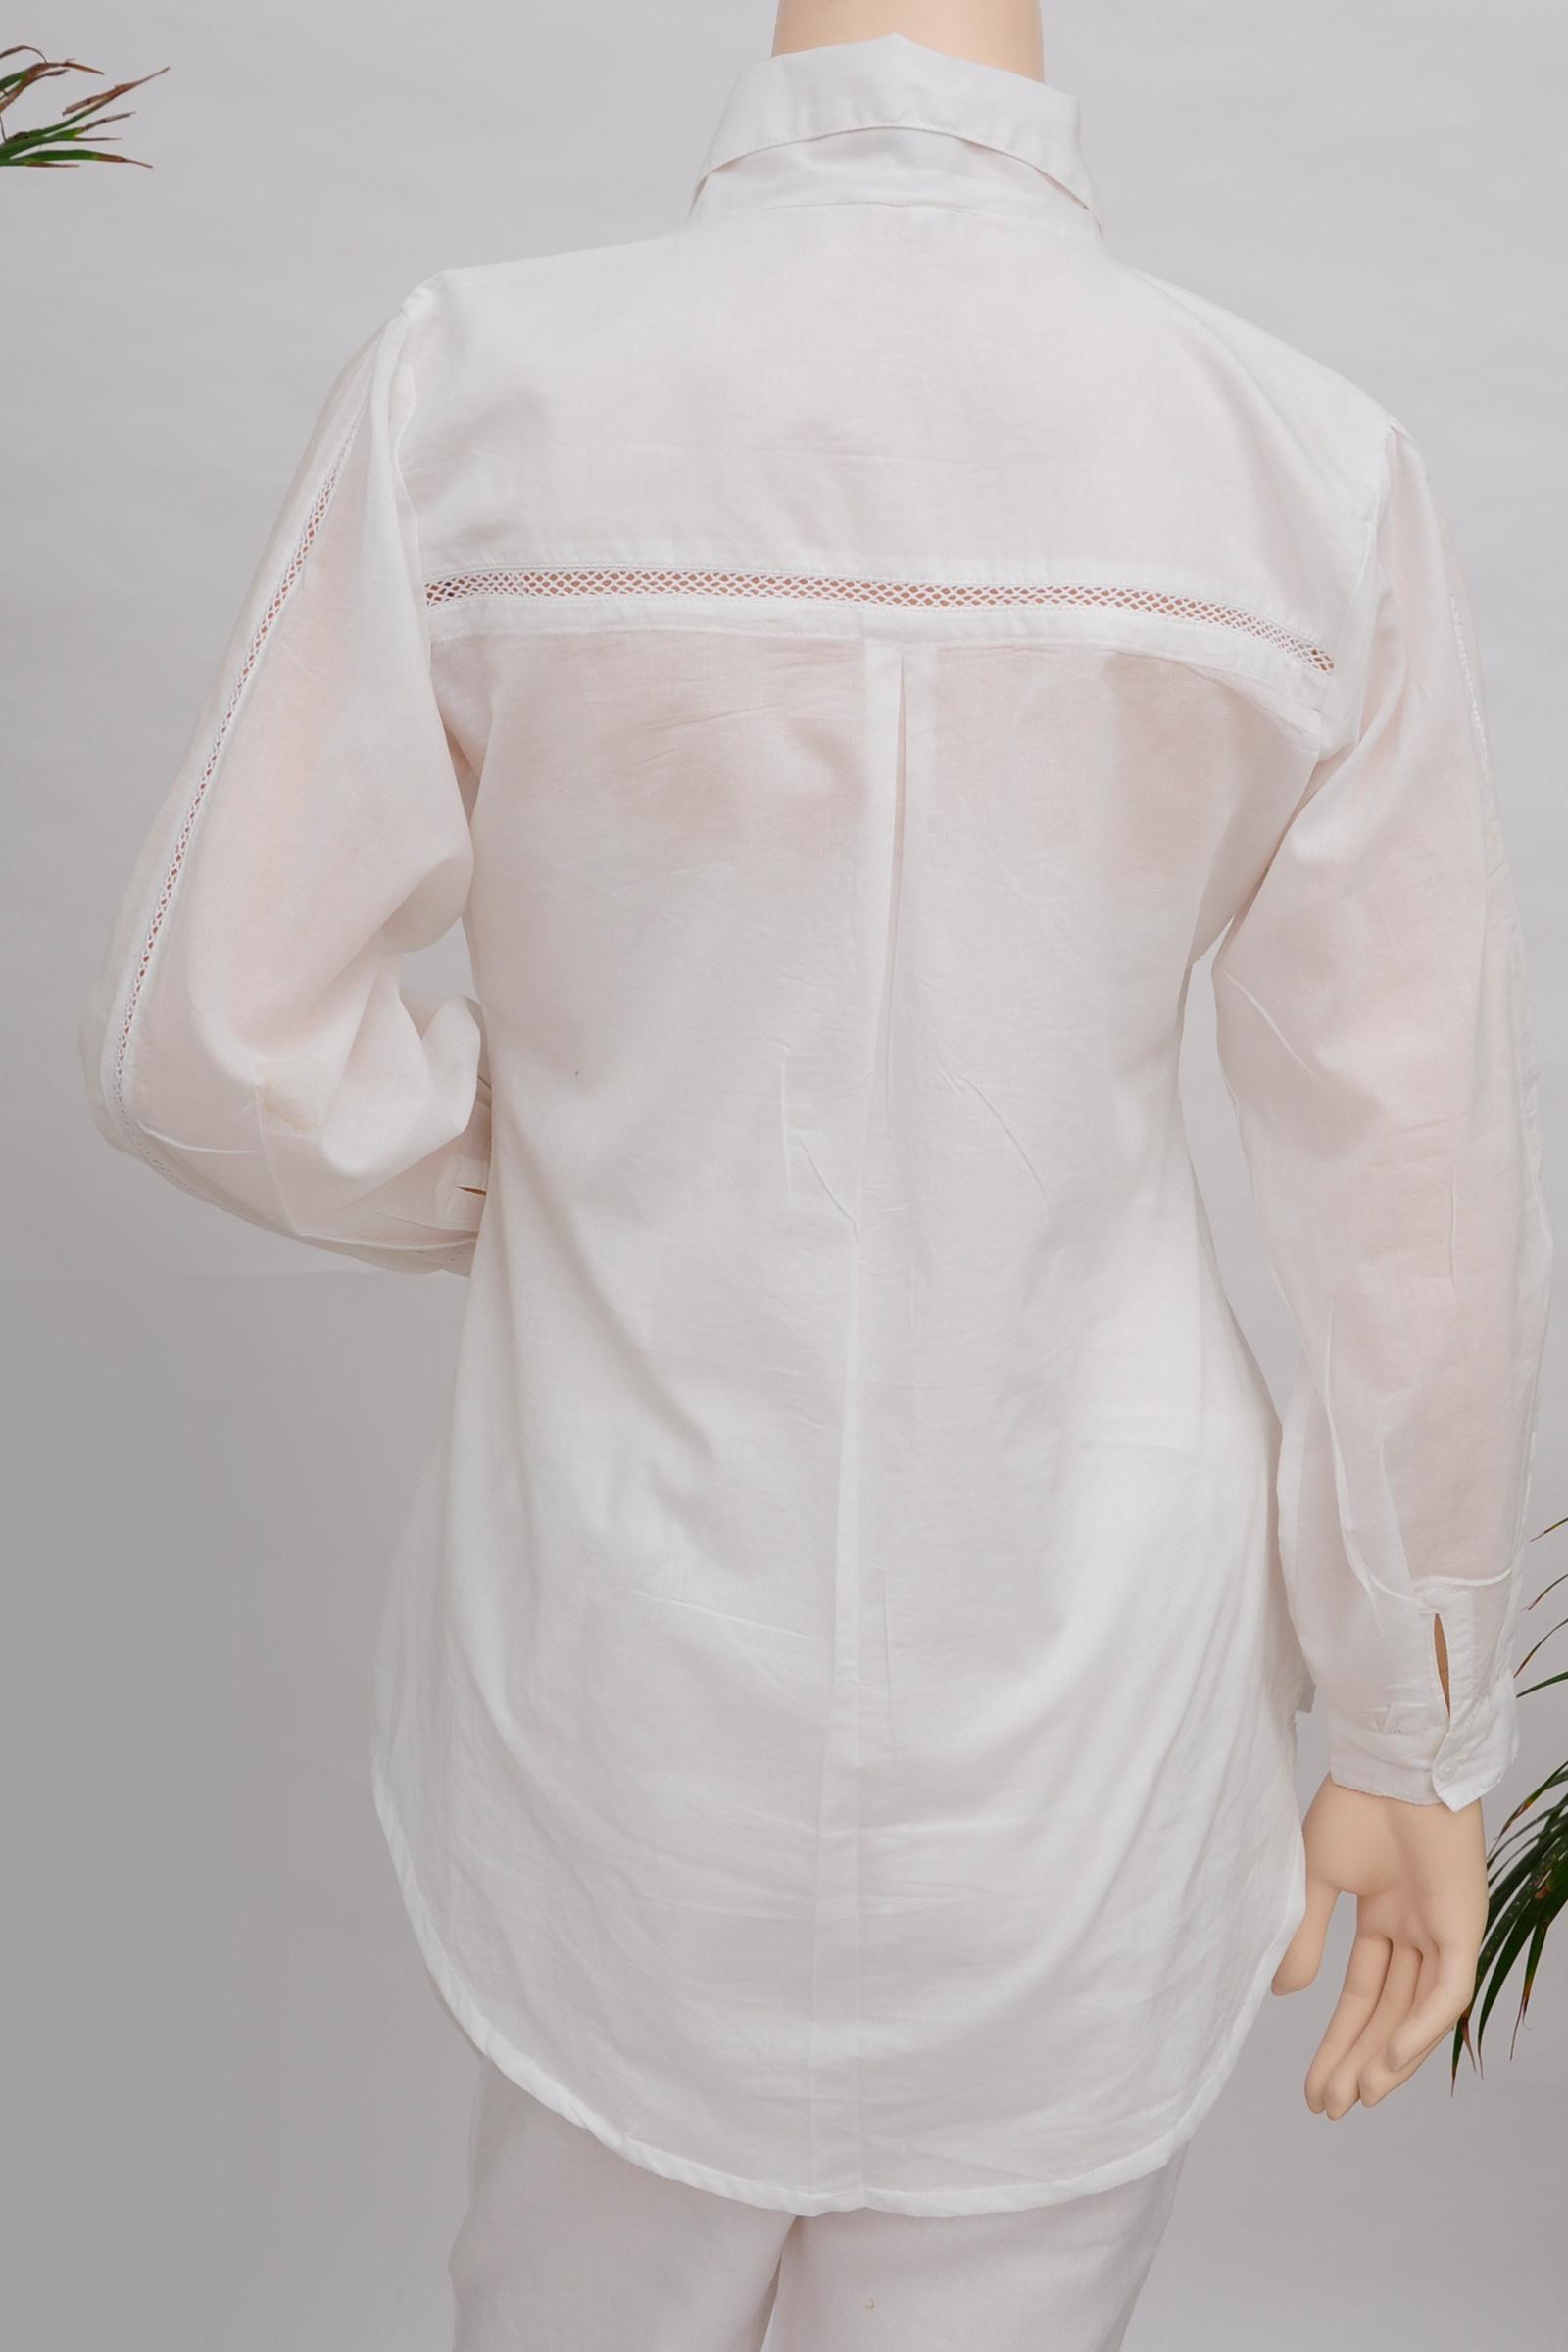 Purity Shirt